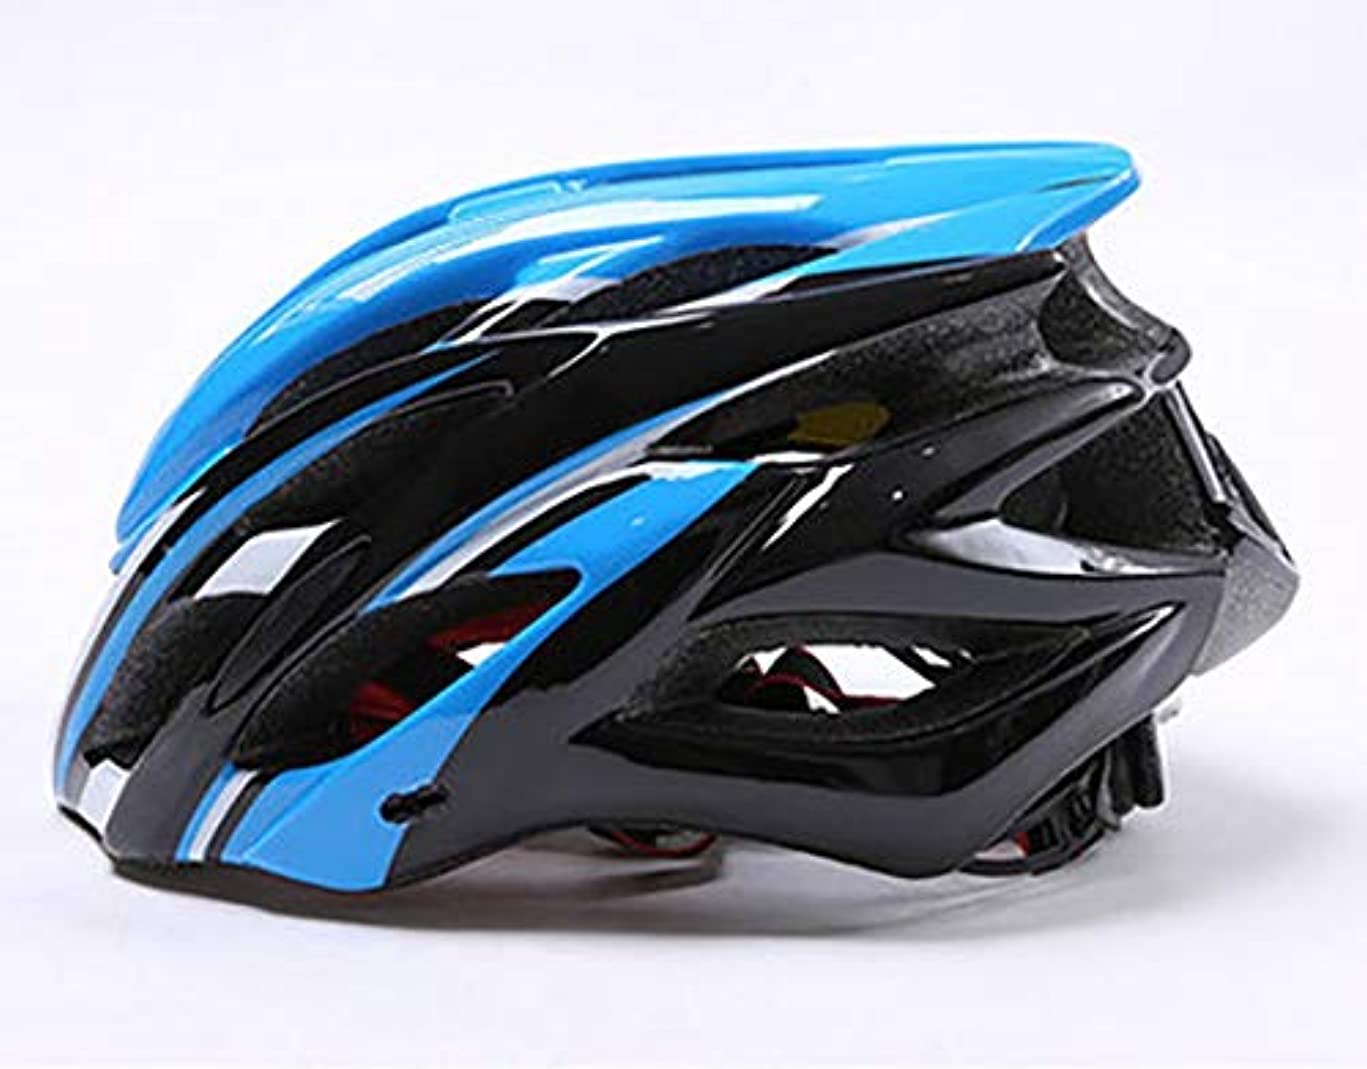 ありがたいバイバイ統治可能CAFUTY アウトドアサイクリング愛好家に適したリアテールライトライドと一体化した大人用ヘルメット自転車ライド。 (Color : Black blue)